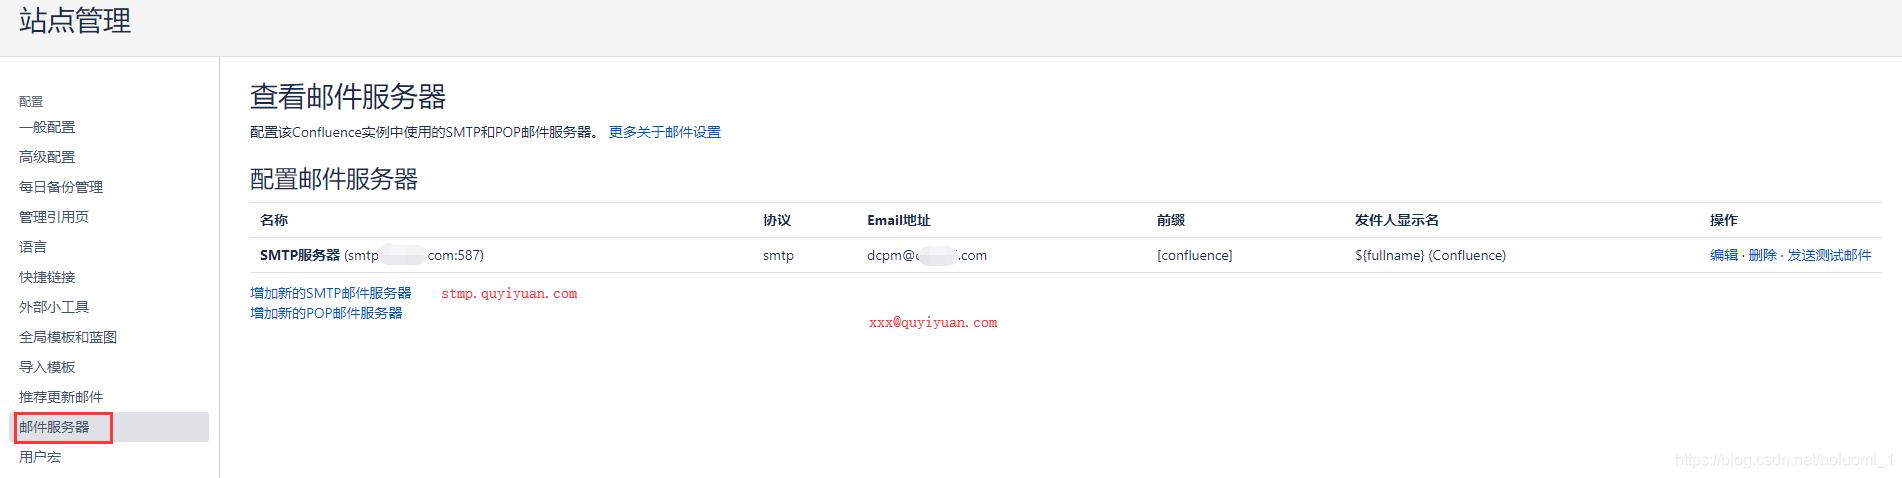 配置-邮件服务器,显示配置好的邮件服务器